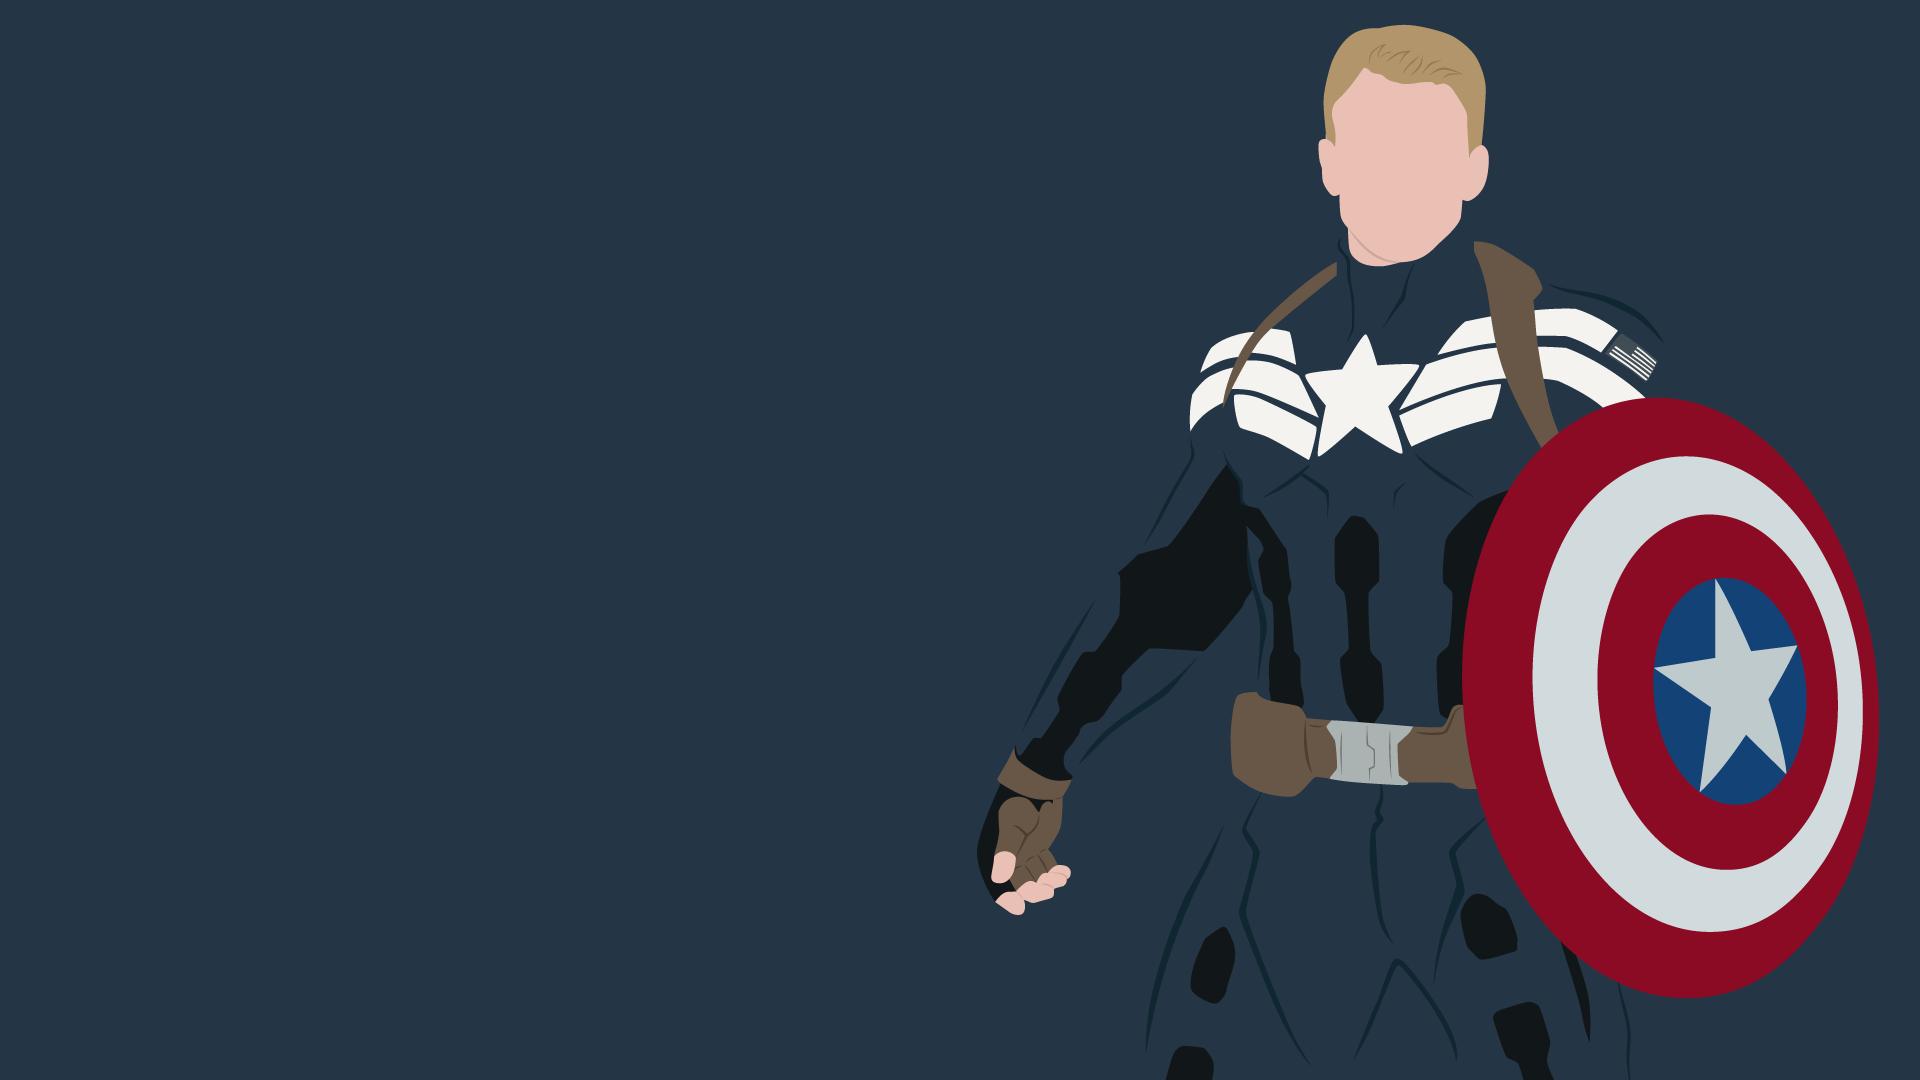 captain america wallpaper for desktop1 (4) Captain